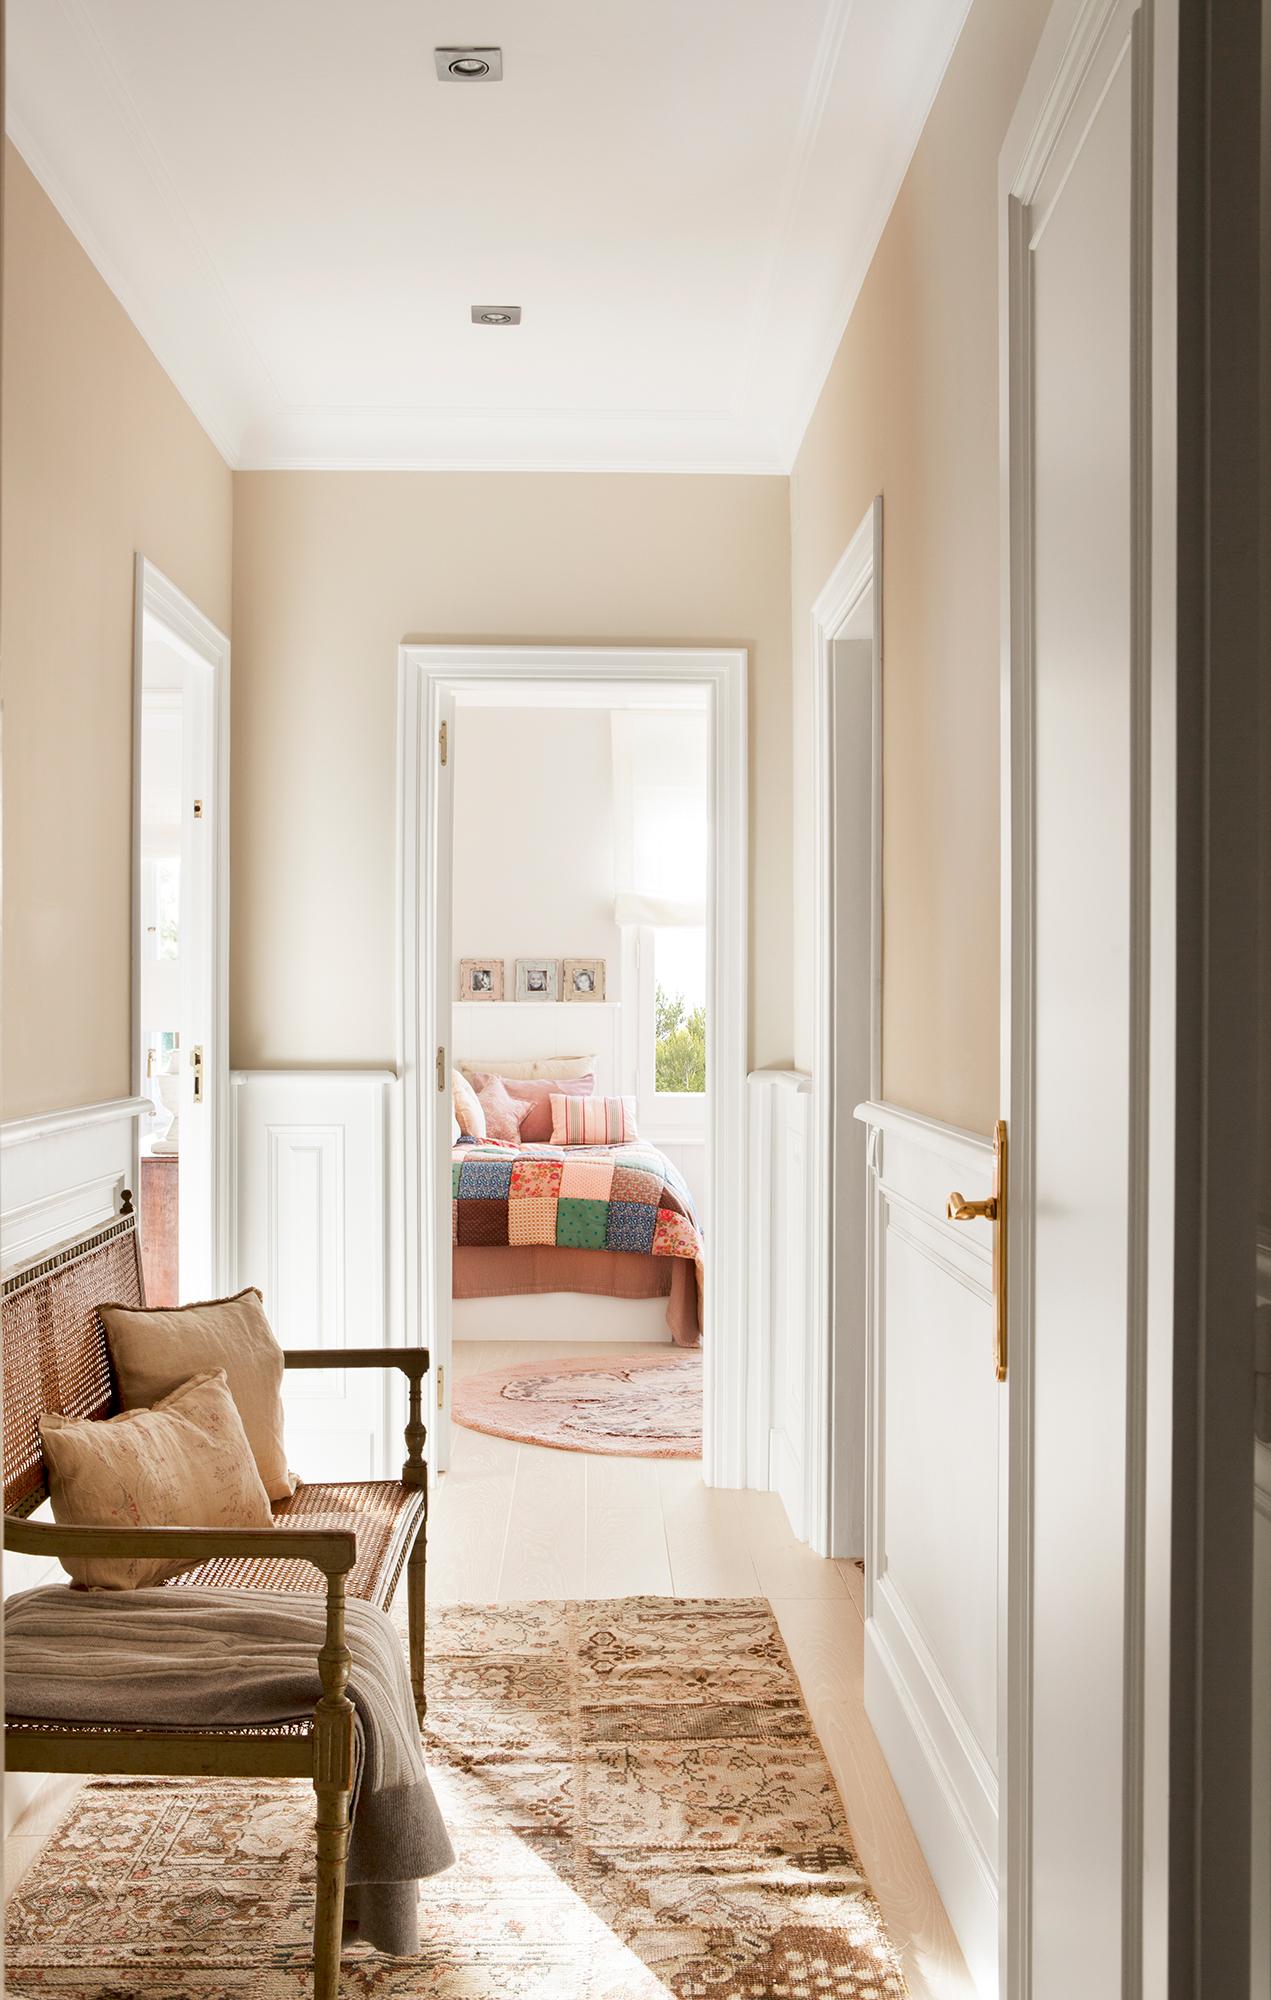 203 fotos de pasillos - Fotos de pasillos decorados ...